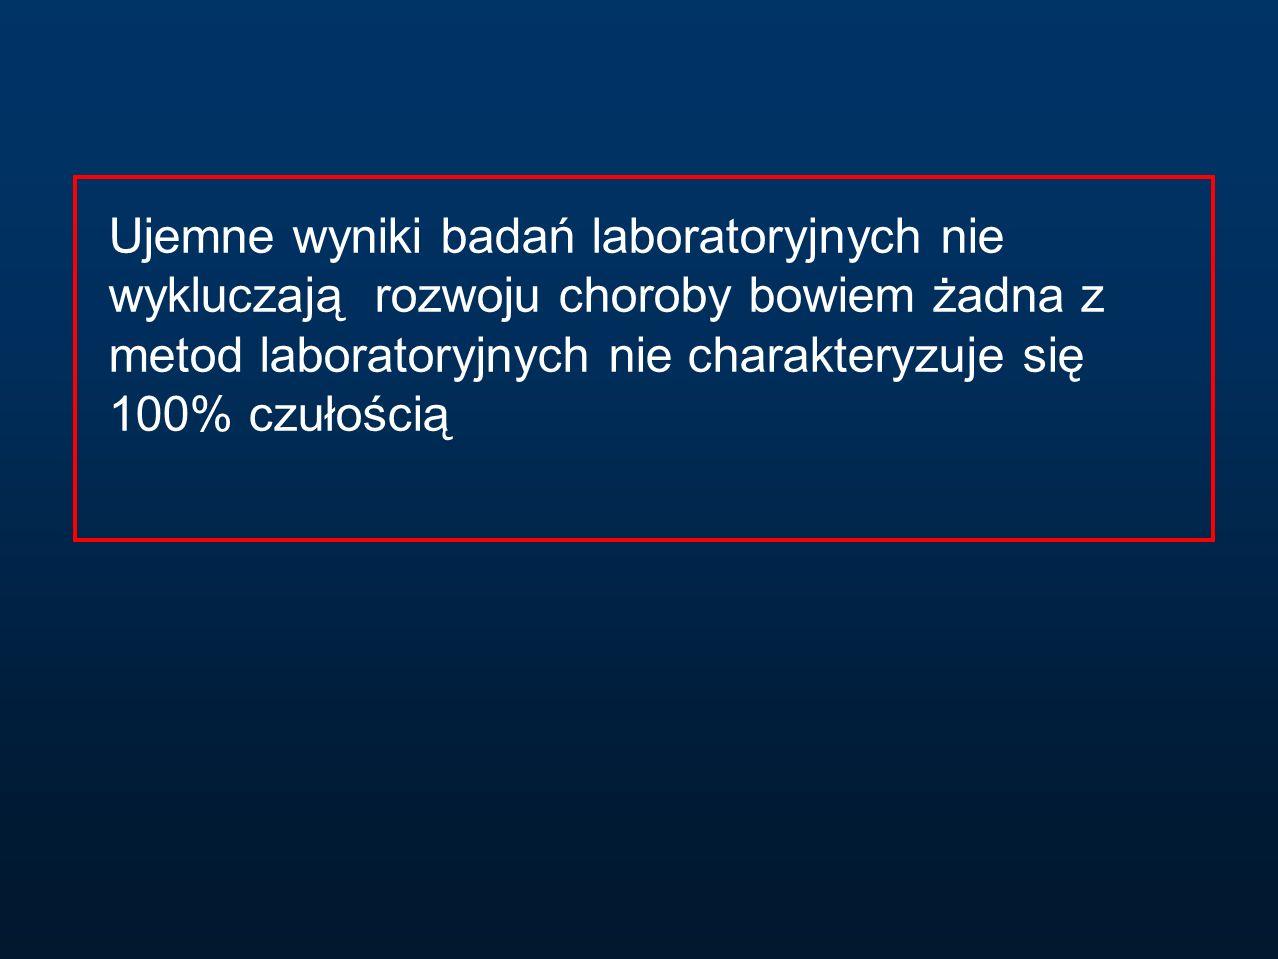 Ujemne wyniki badań laboratoryjnych nie wykluczają rozwoju choroby bowiem żadna z metod laboratoryjnych nie charakteryzuje się 100% czułością